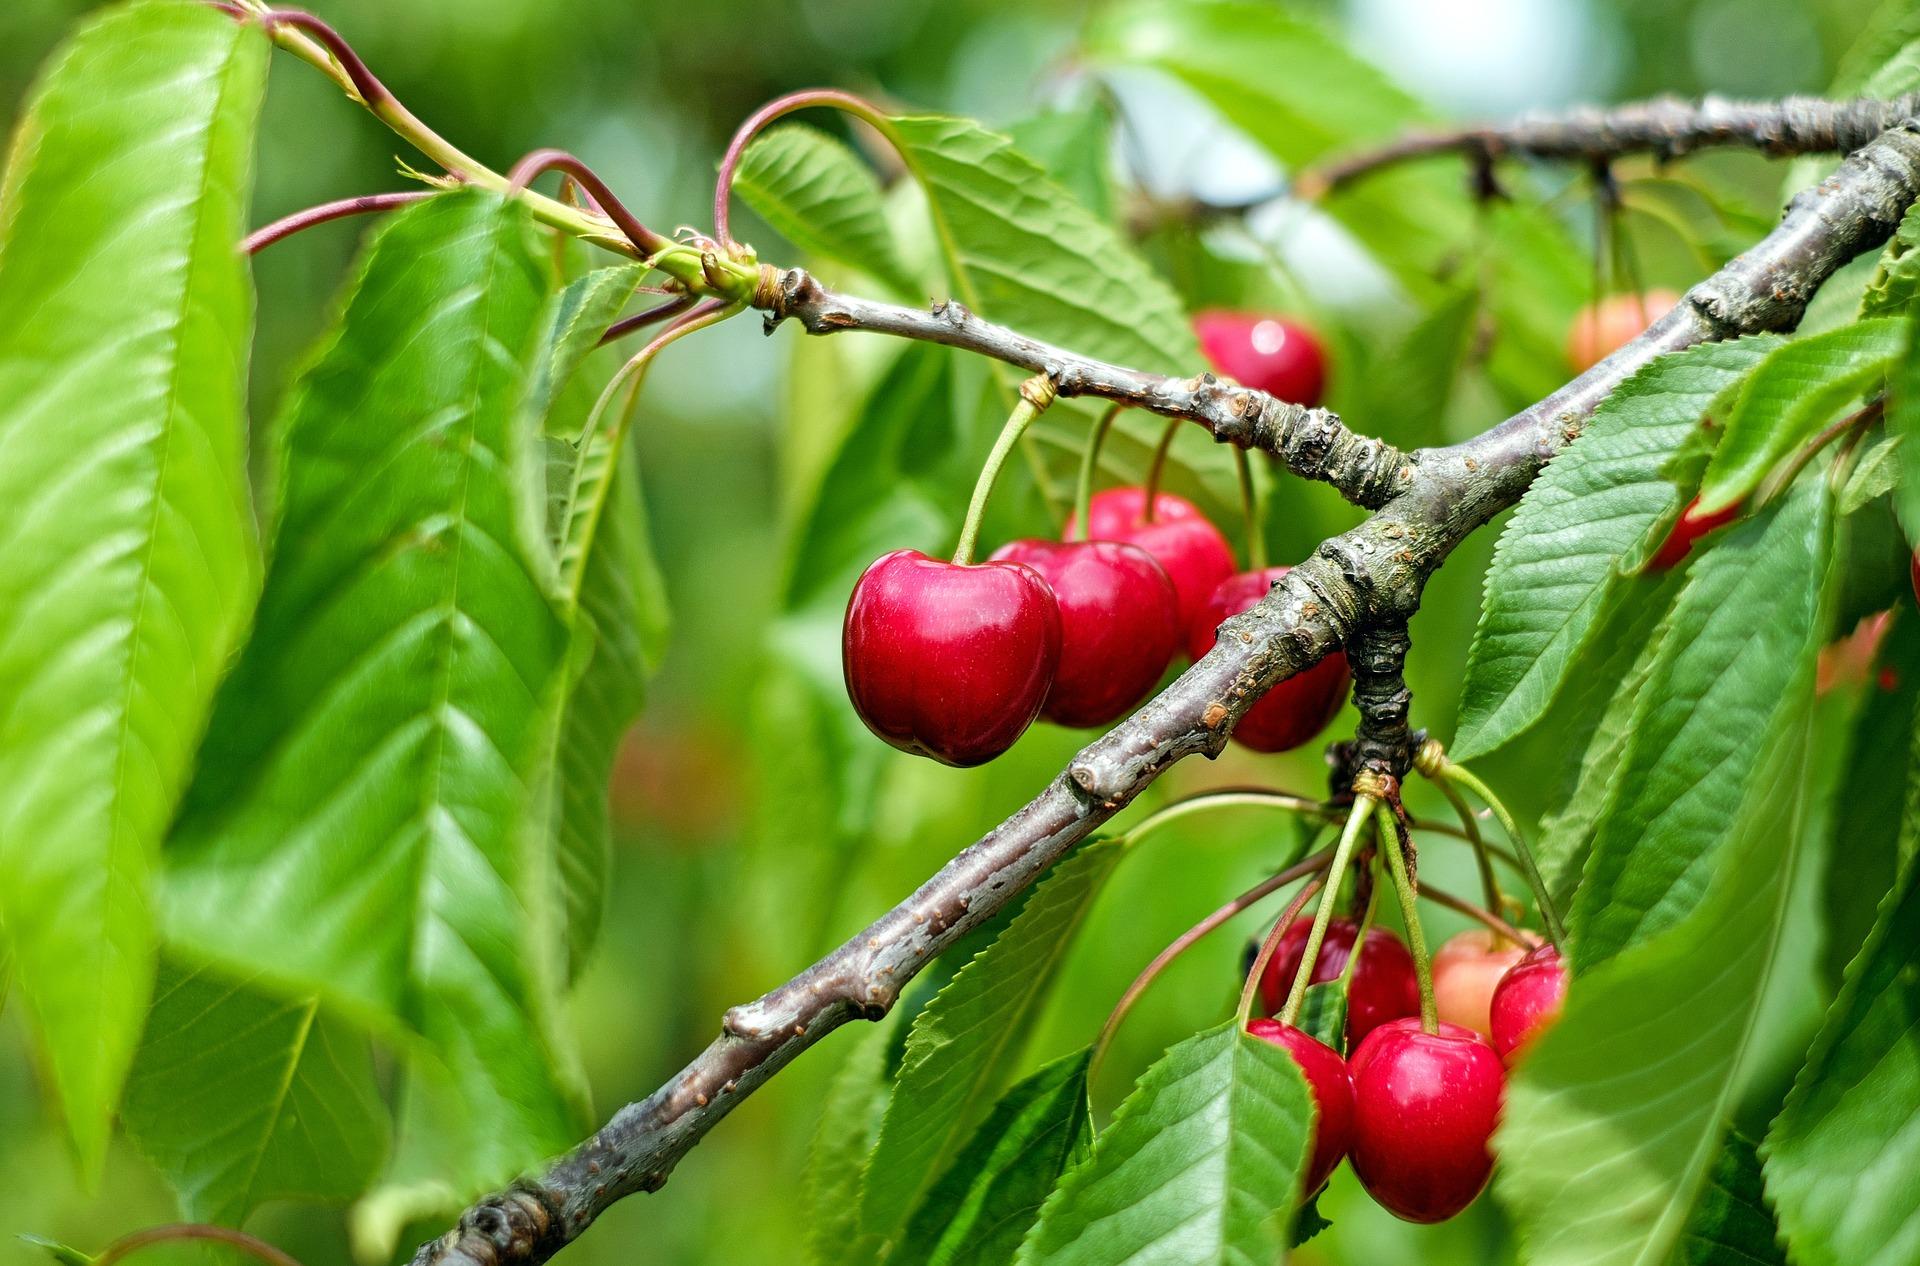 cherries-planting-growing-harvesting